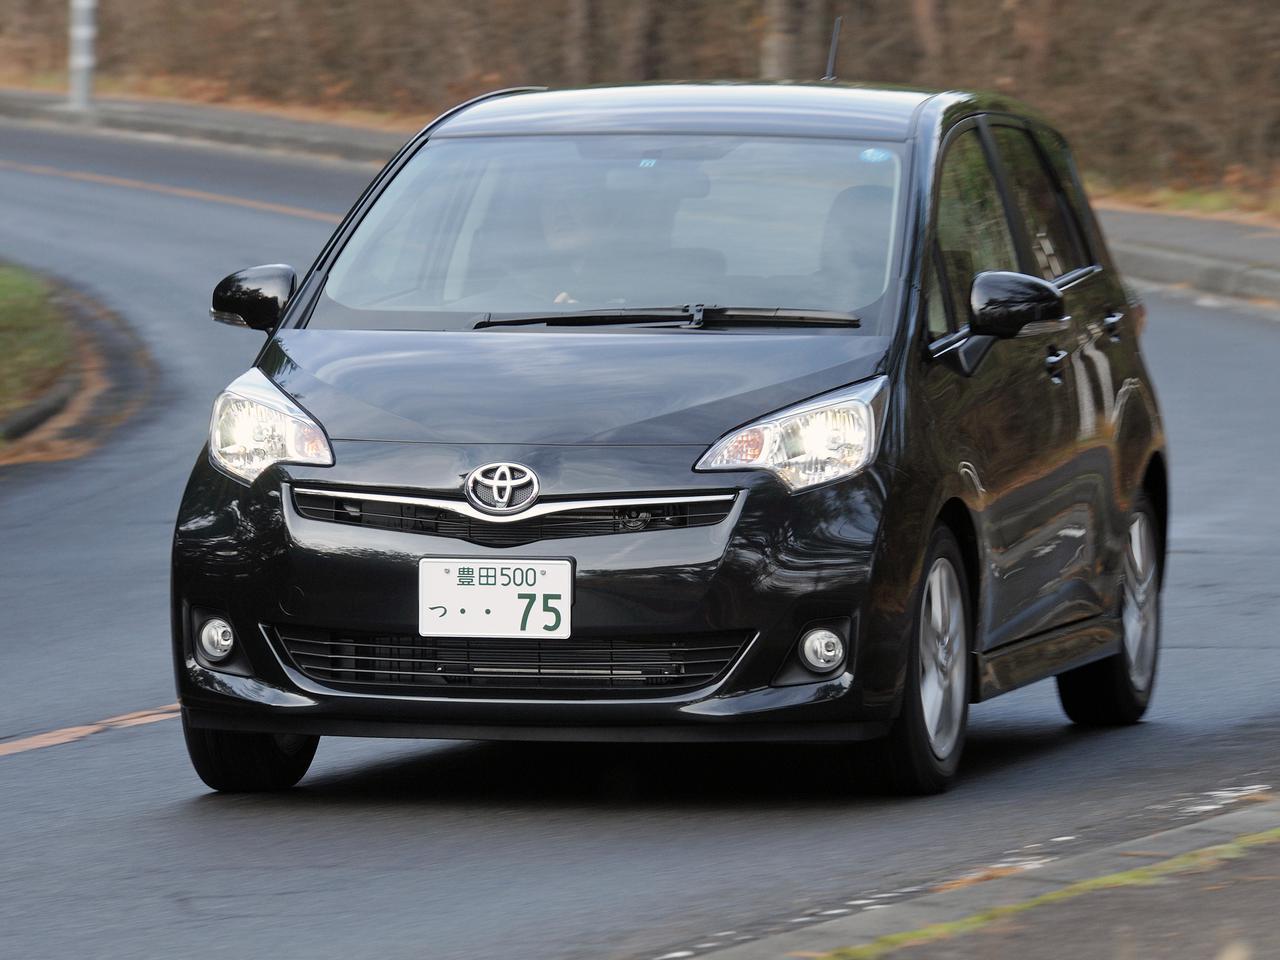 【試乗】トヨタ ラクティスは多彩なラインアップで誰にもジャストフィットする1台だった【10年ひと昔の新車】